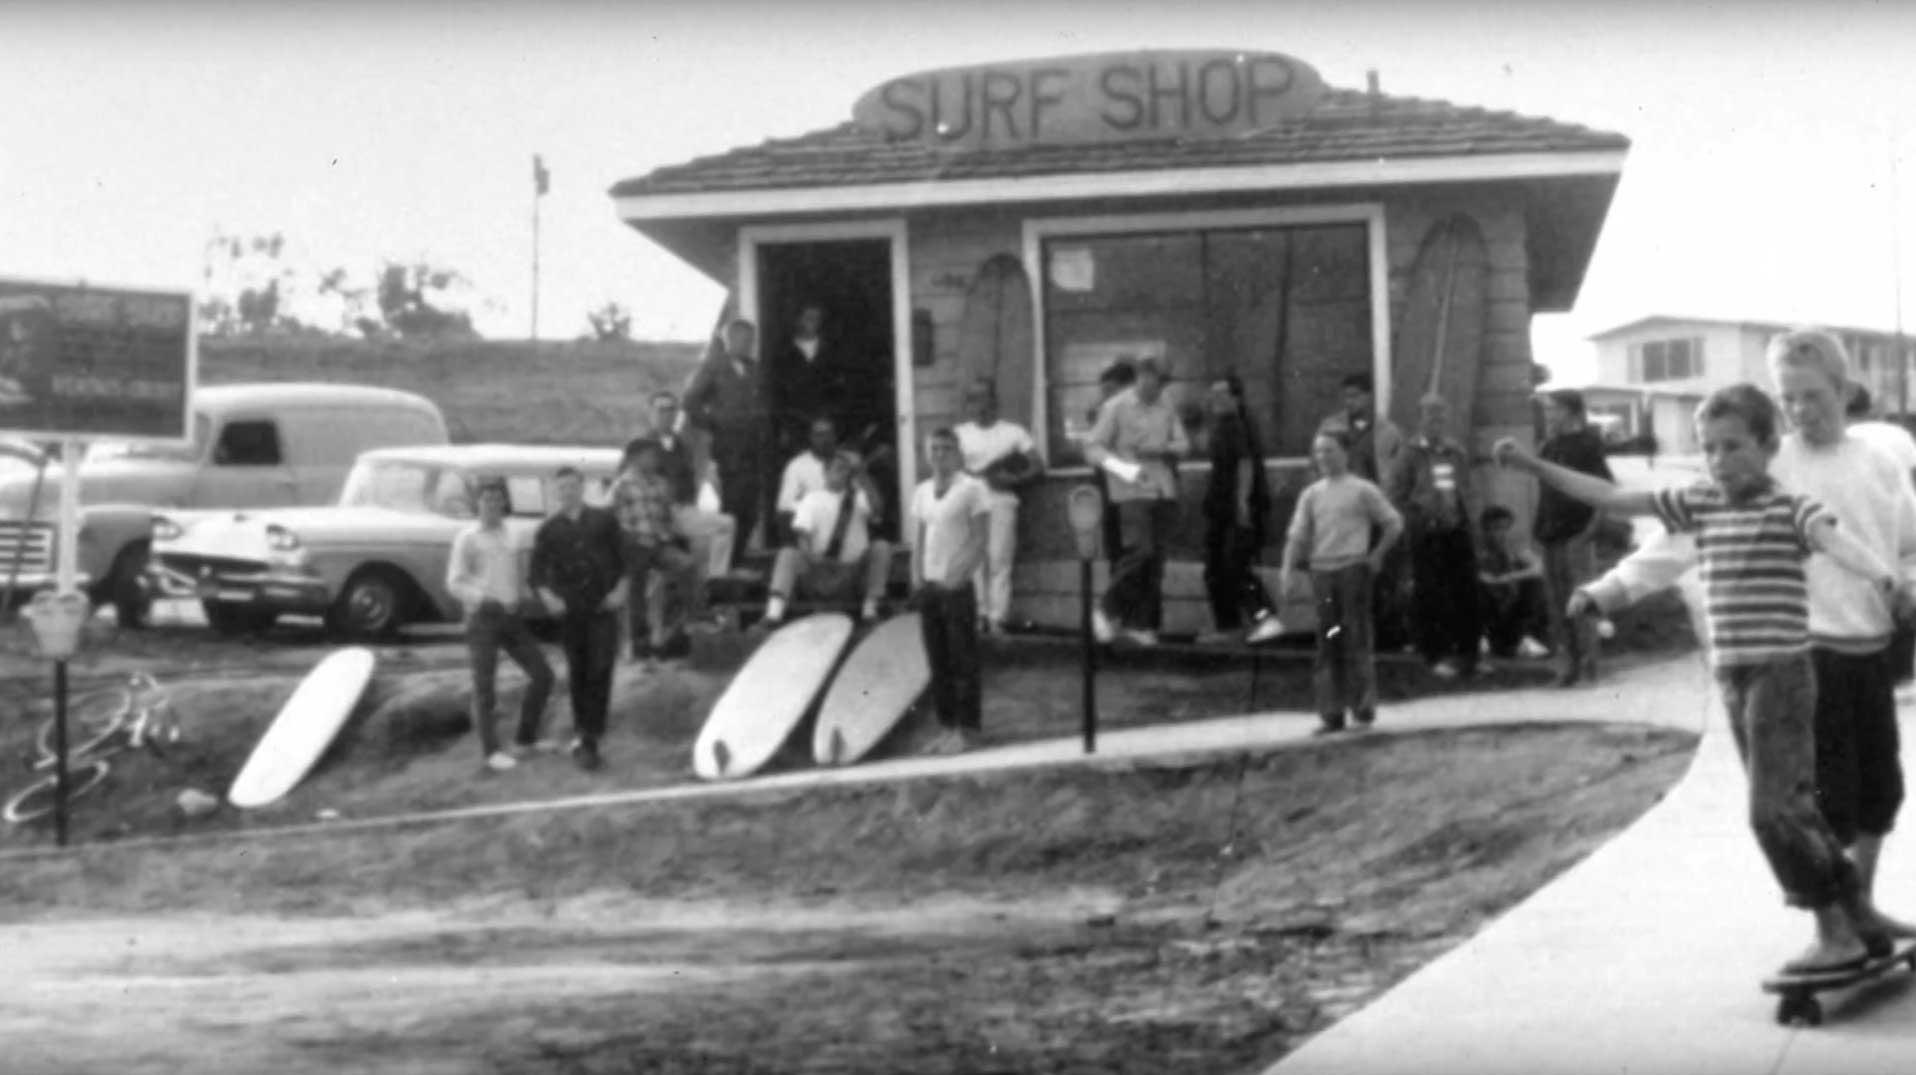 Jacks erster Surfshop.